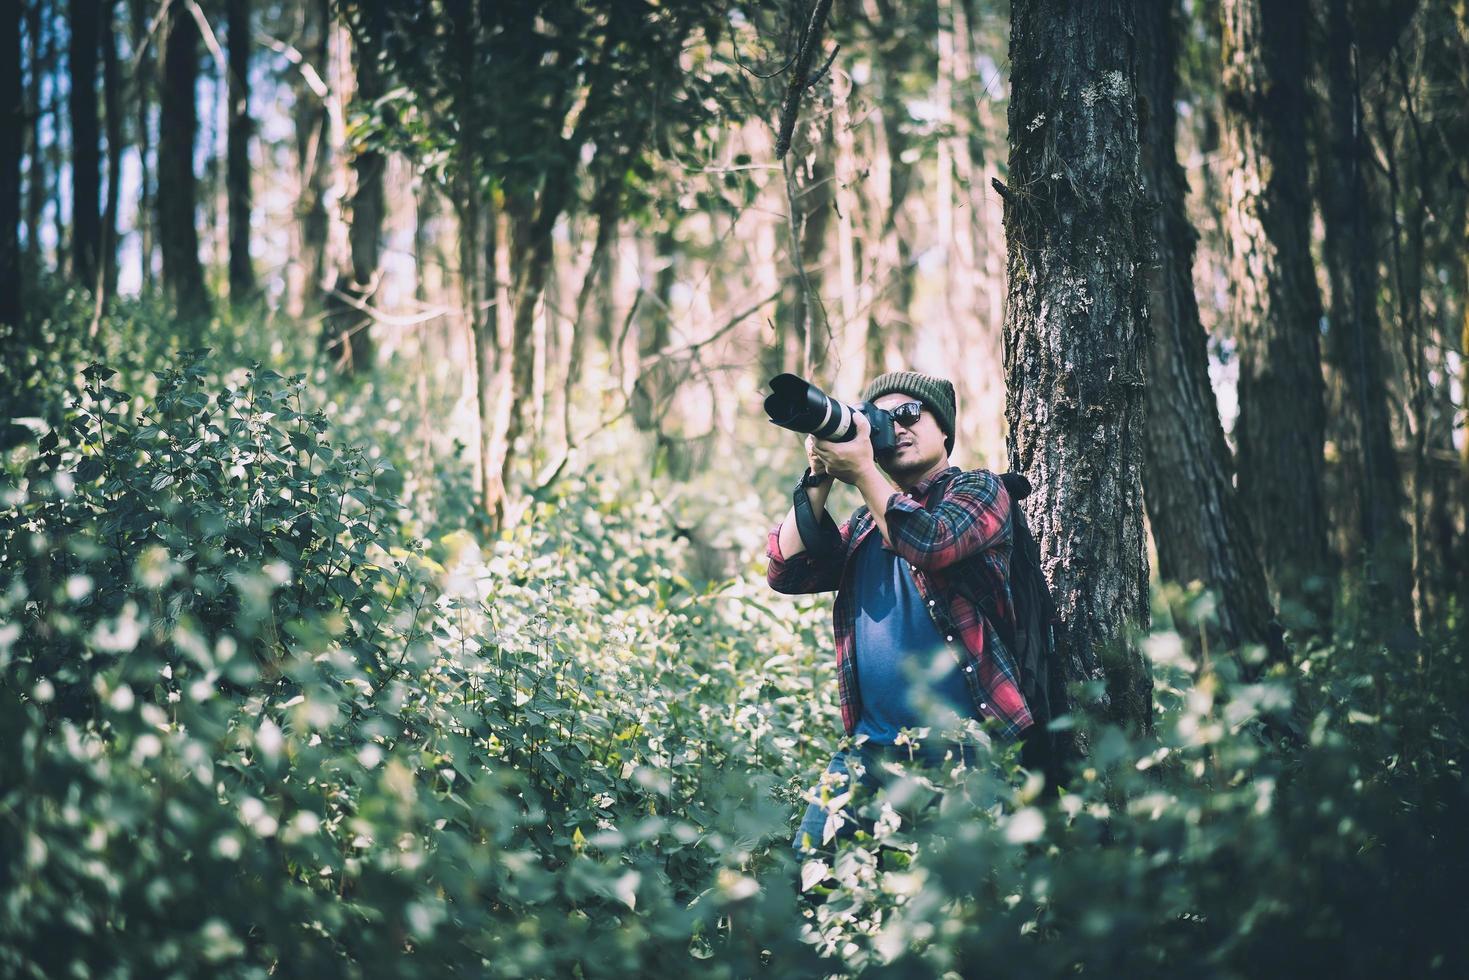 jeune photographe prenant des photos dans la forêt